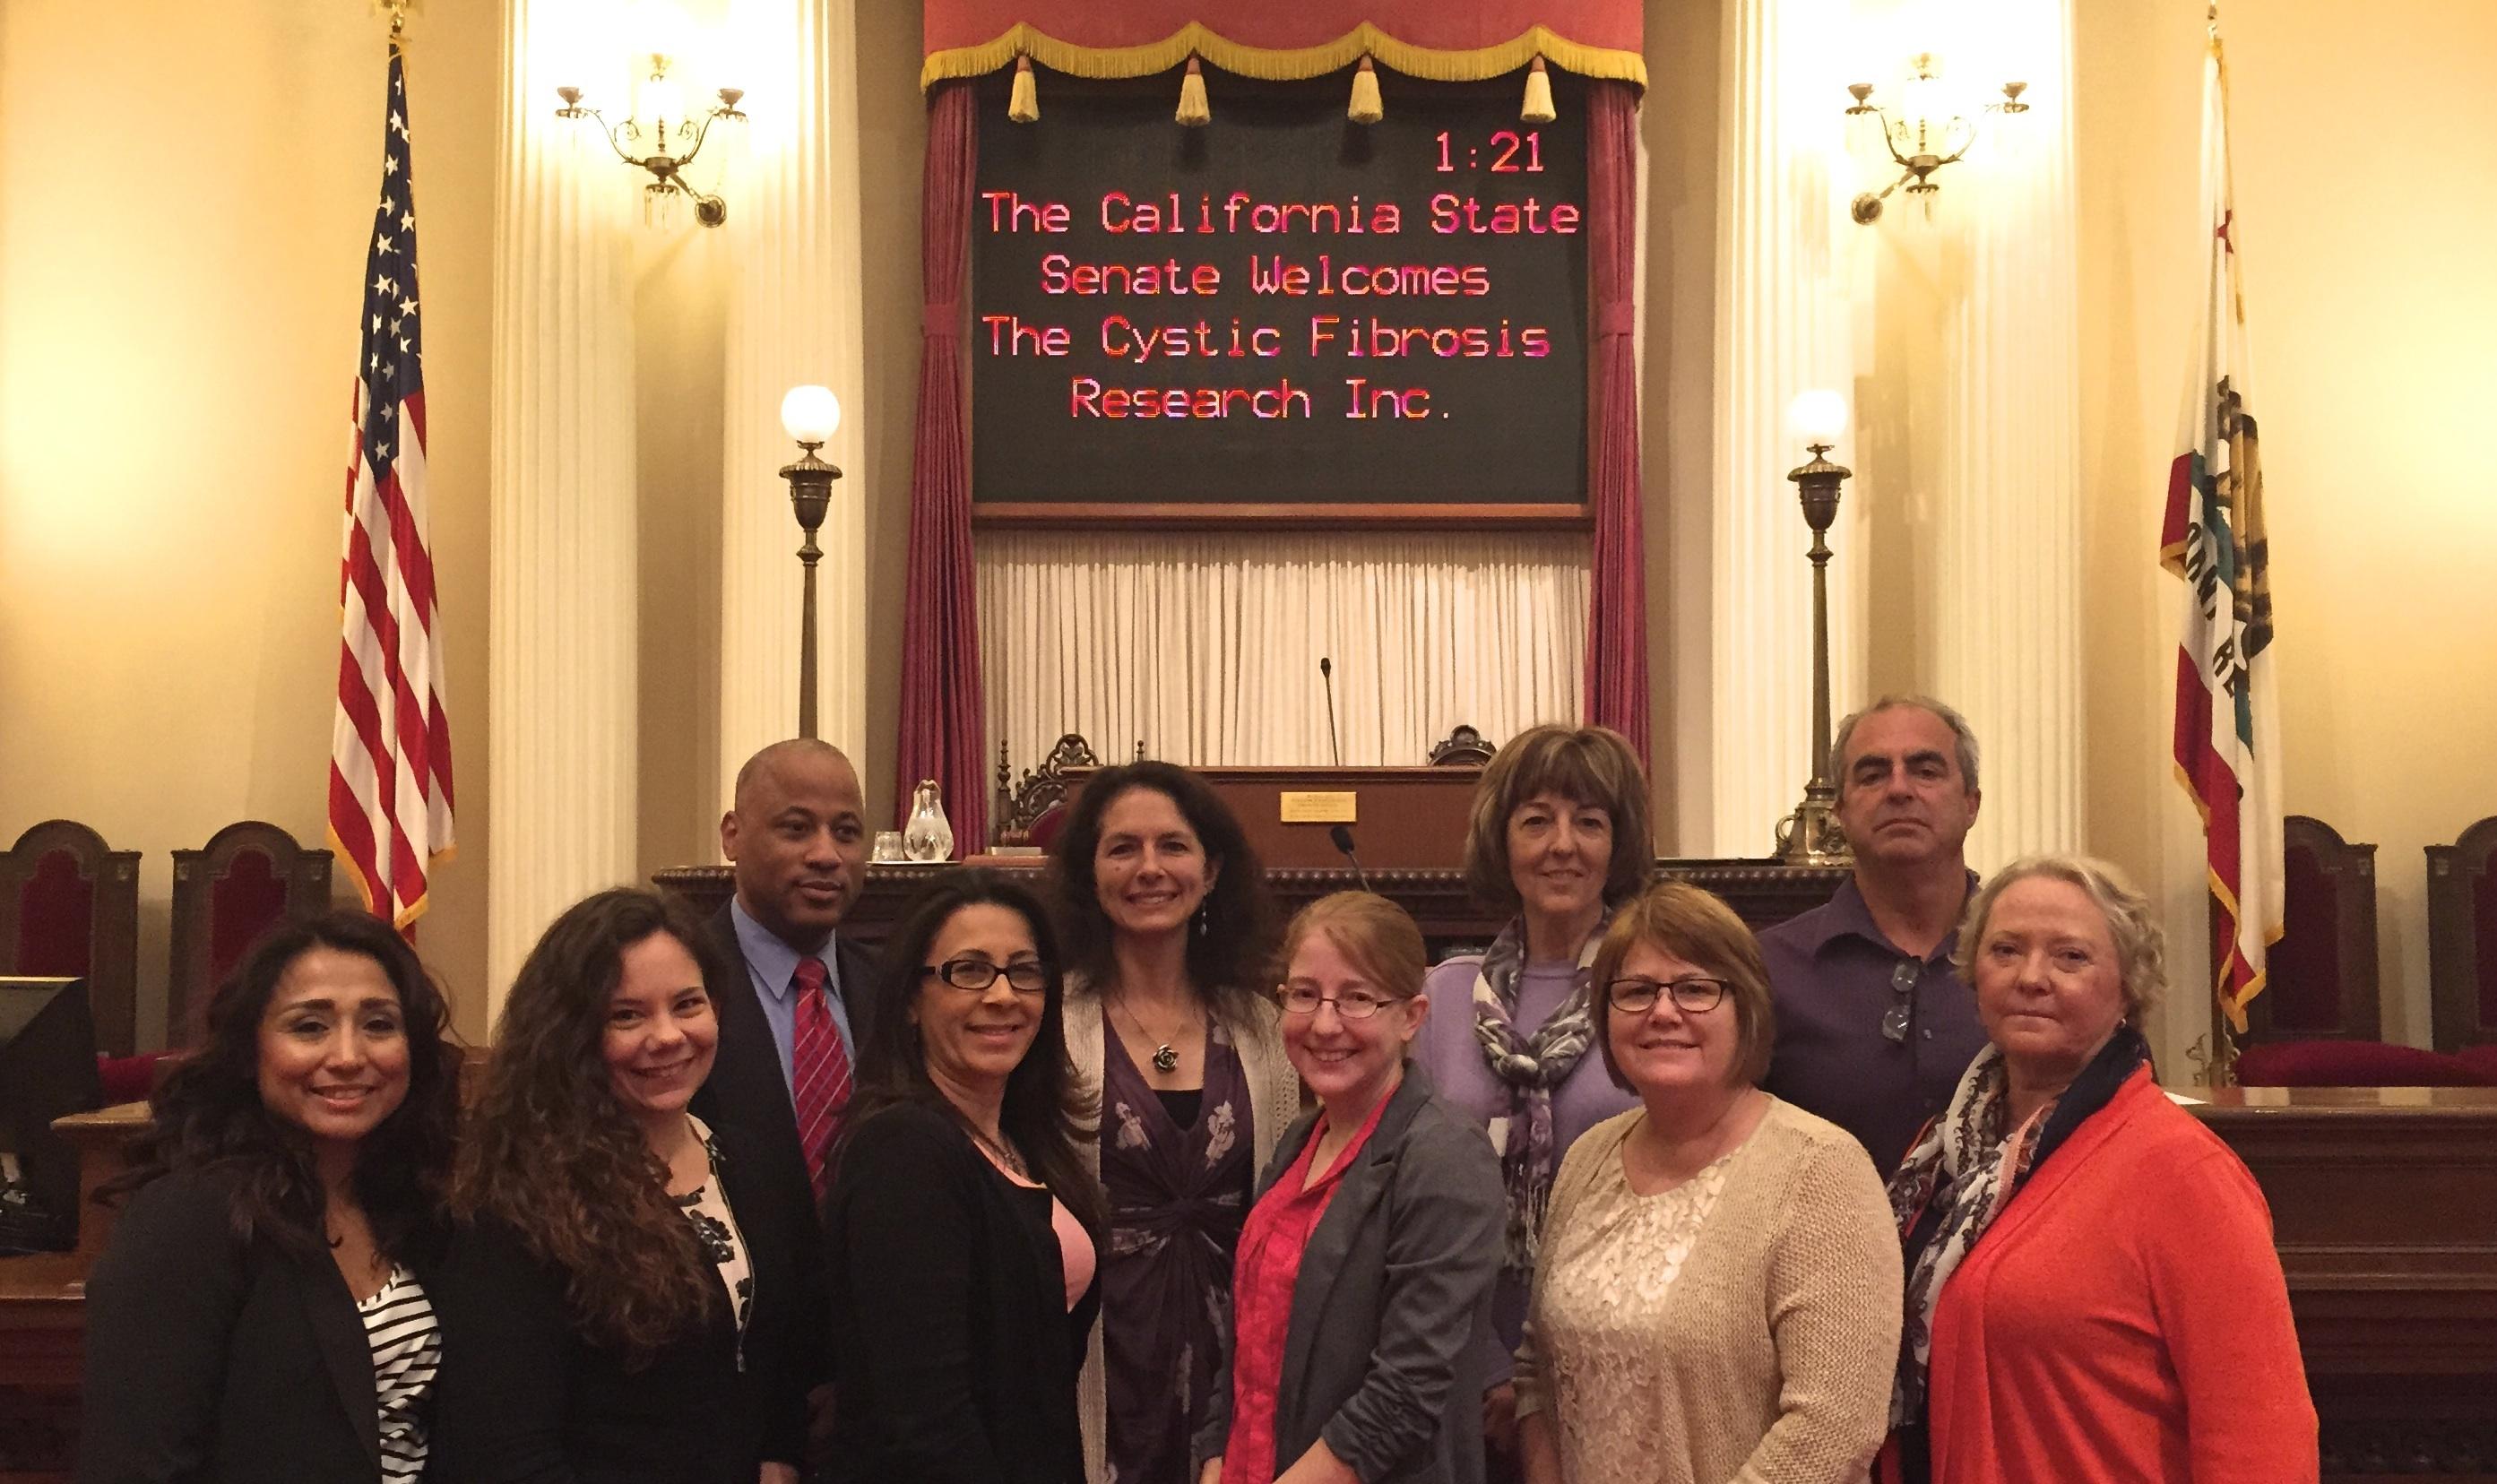 CFRI leaders and community members at the California State Senate